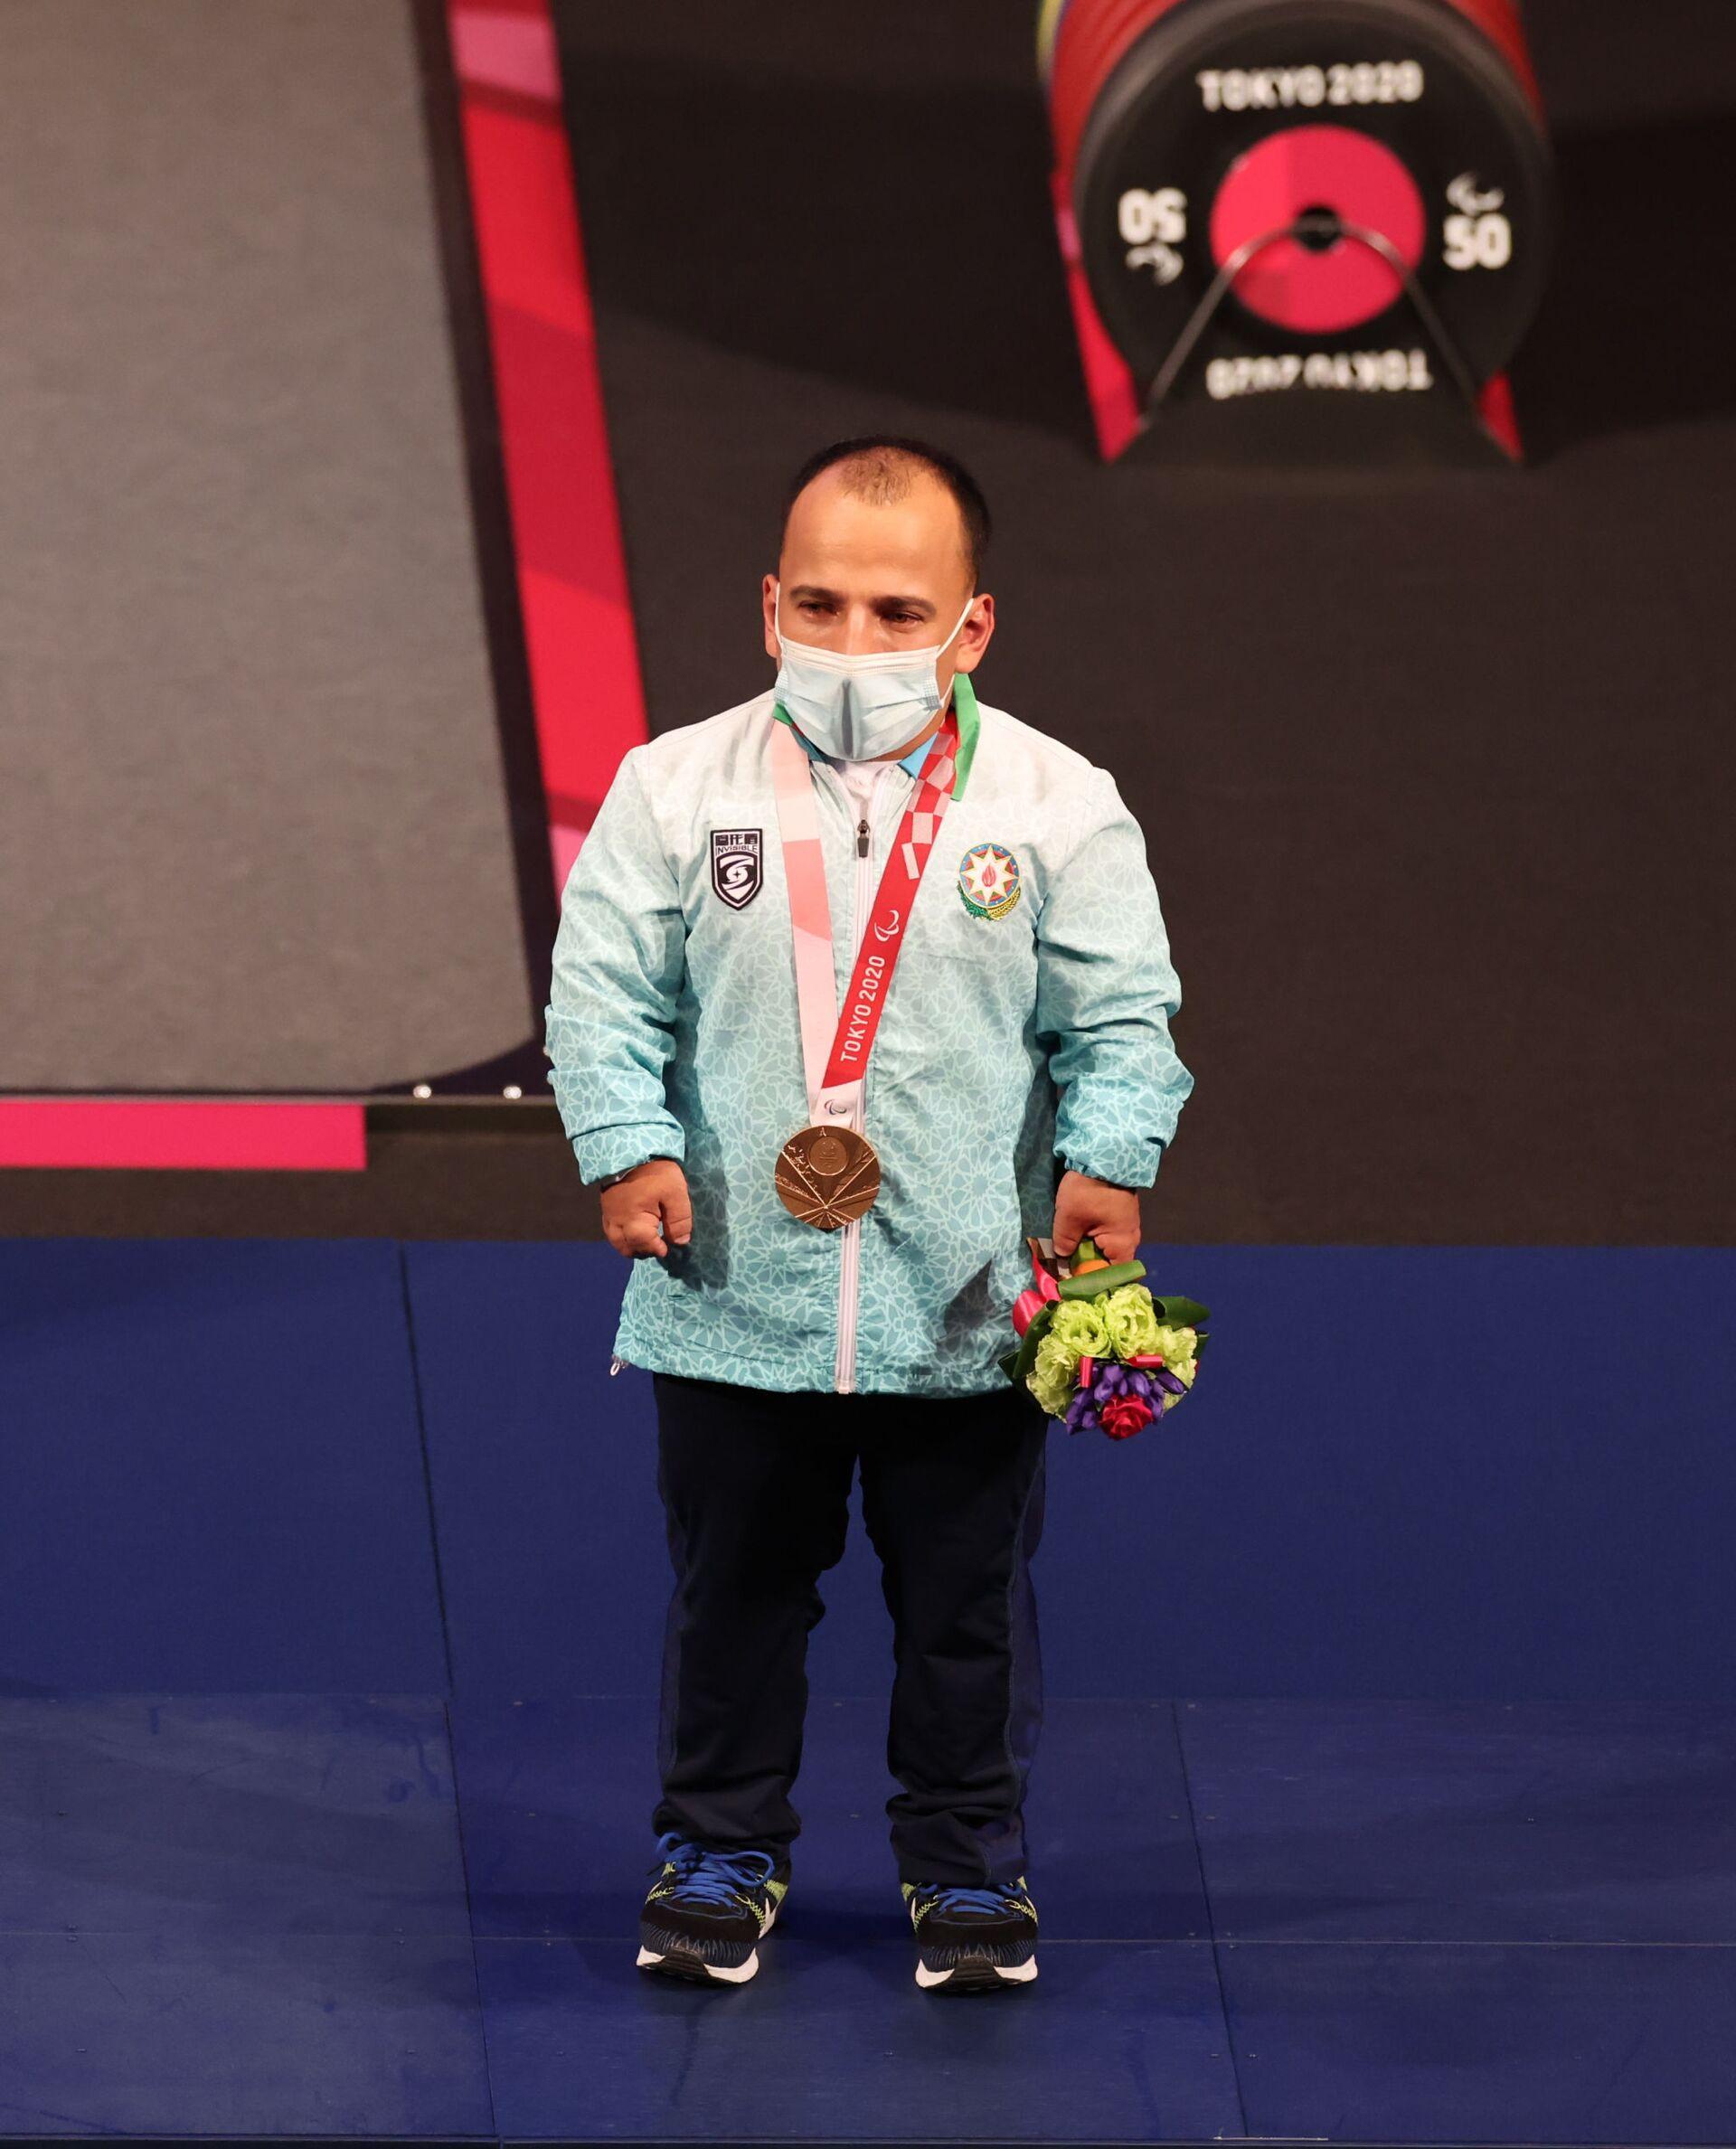 Азербайджанский пауэрлифтер Парвин Мамедов на Паралимпийских играх Токио-2020 - Sputnik Азербайджан, 1920, 01.10.2021